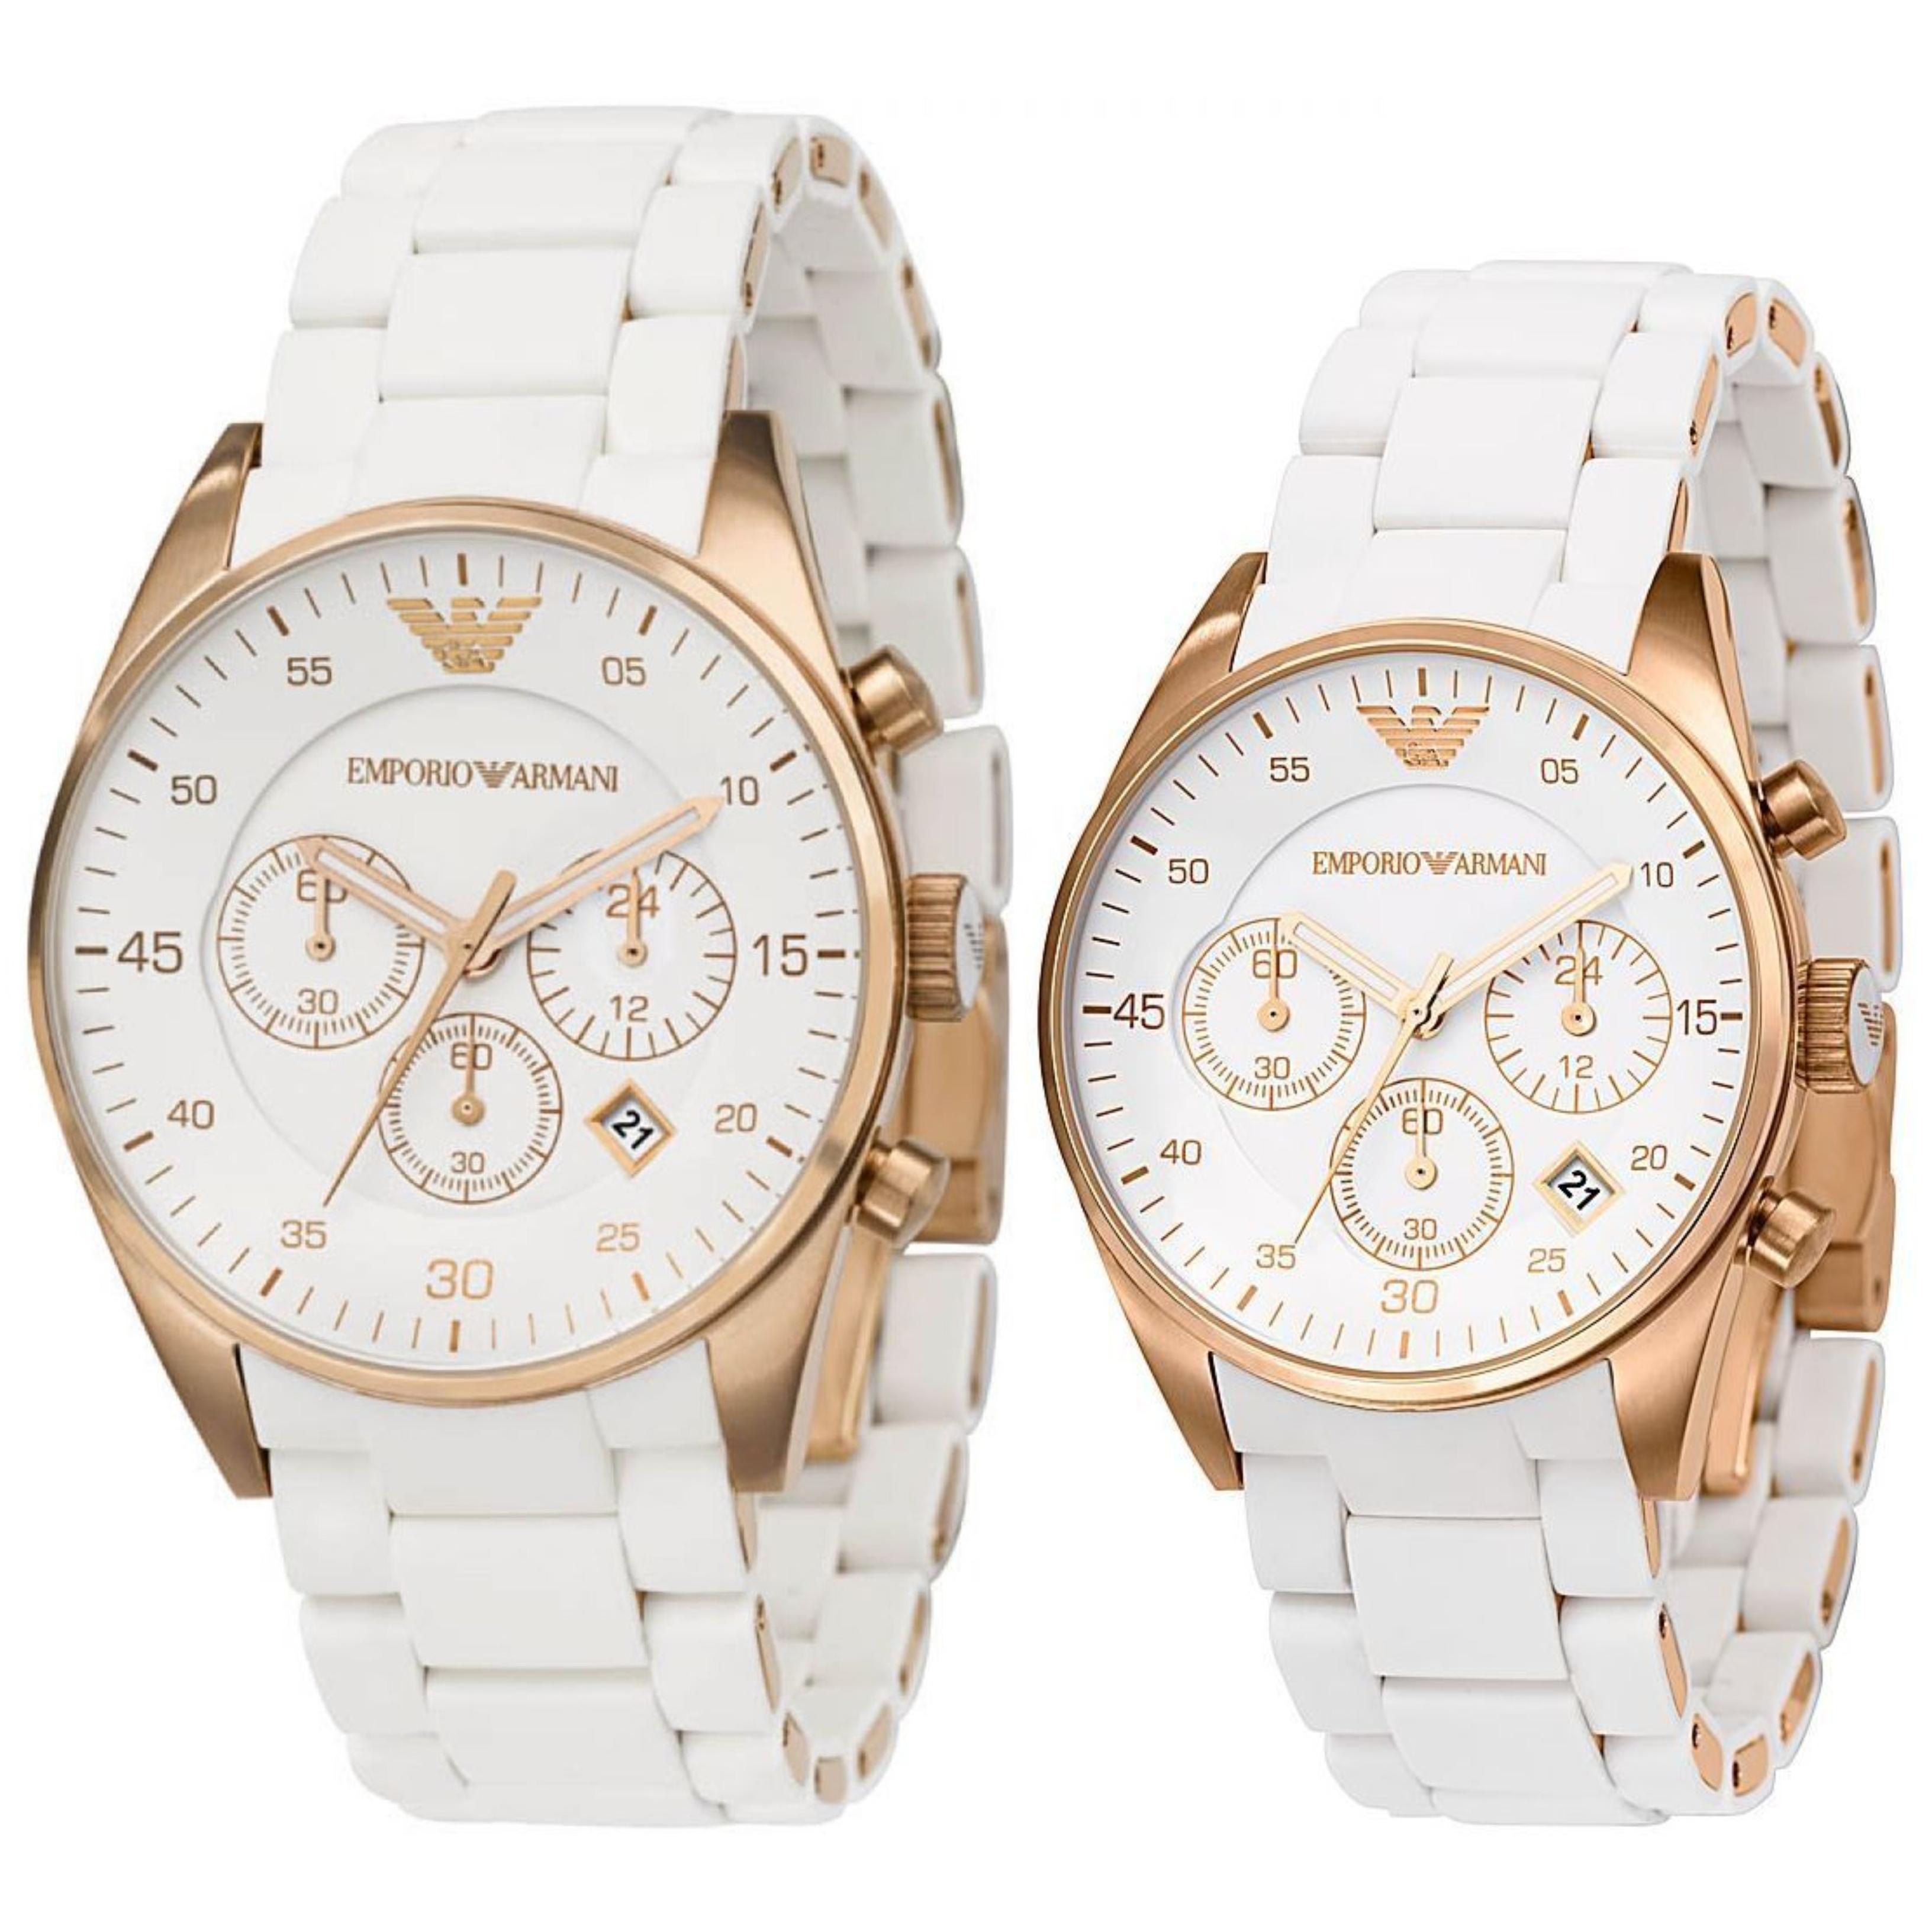 ae389e16dba Details about Emporio Armani Sportivo Couple Watch│Chronograph White  Dial│Silicon Bracelet